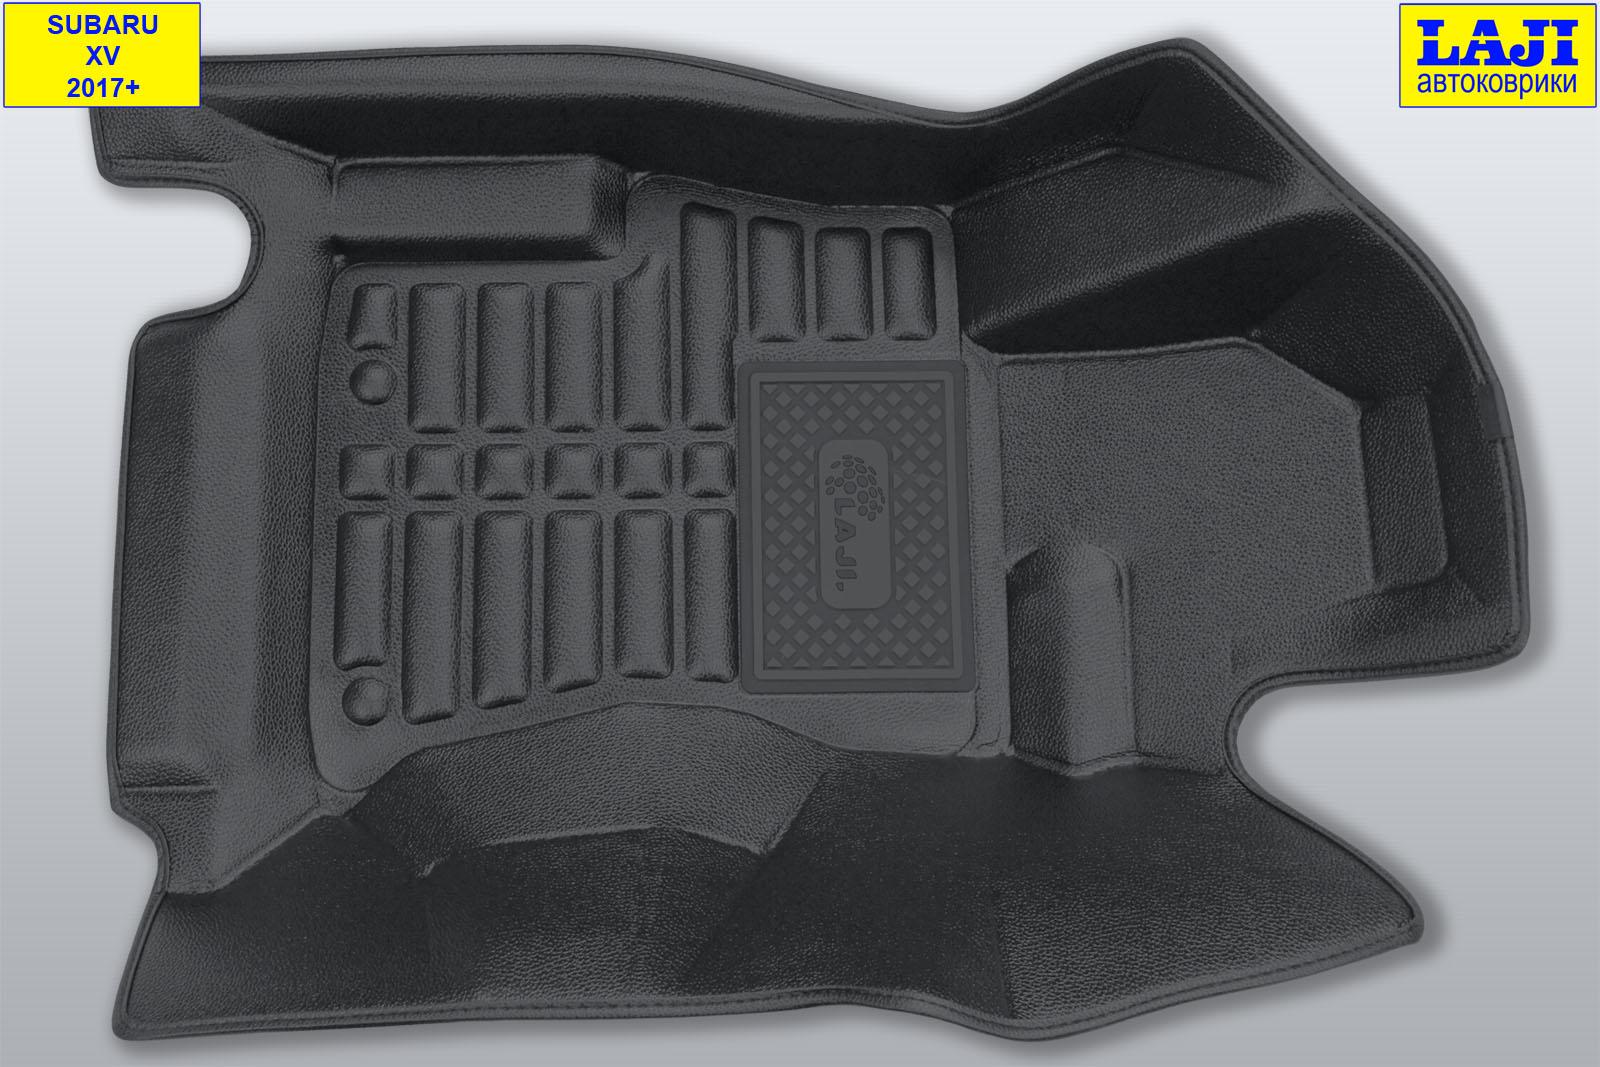 5D коврики в салон Subaru XV 2017-н.в. 2